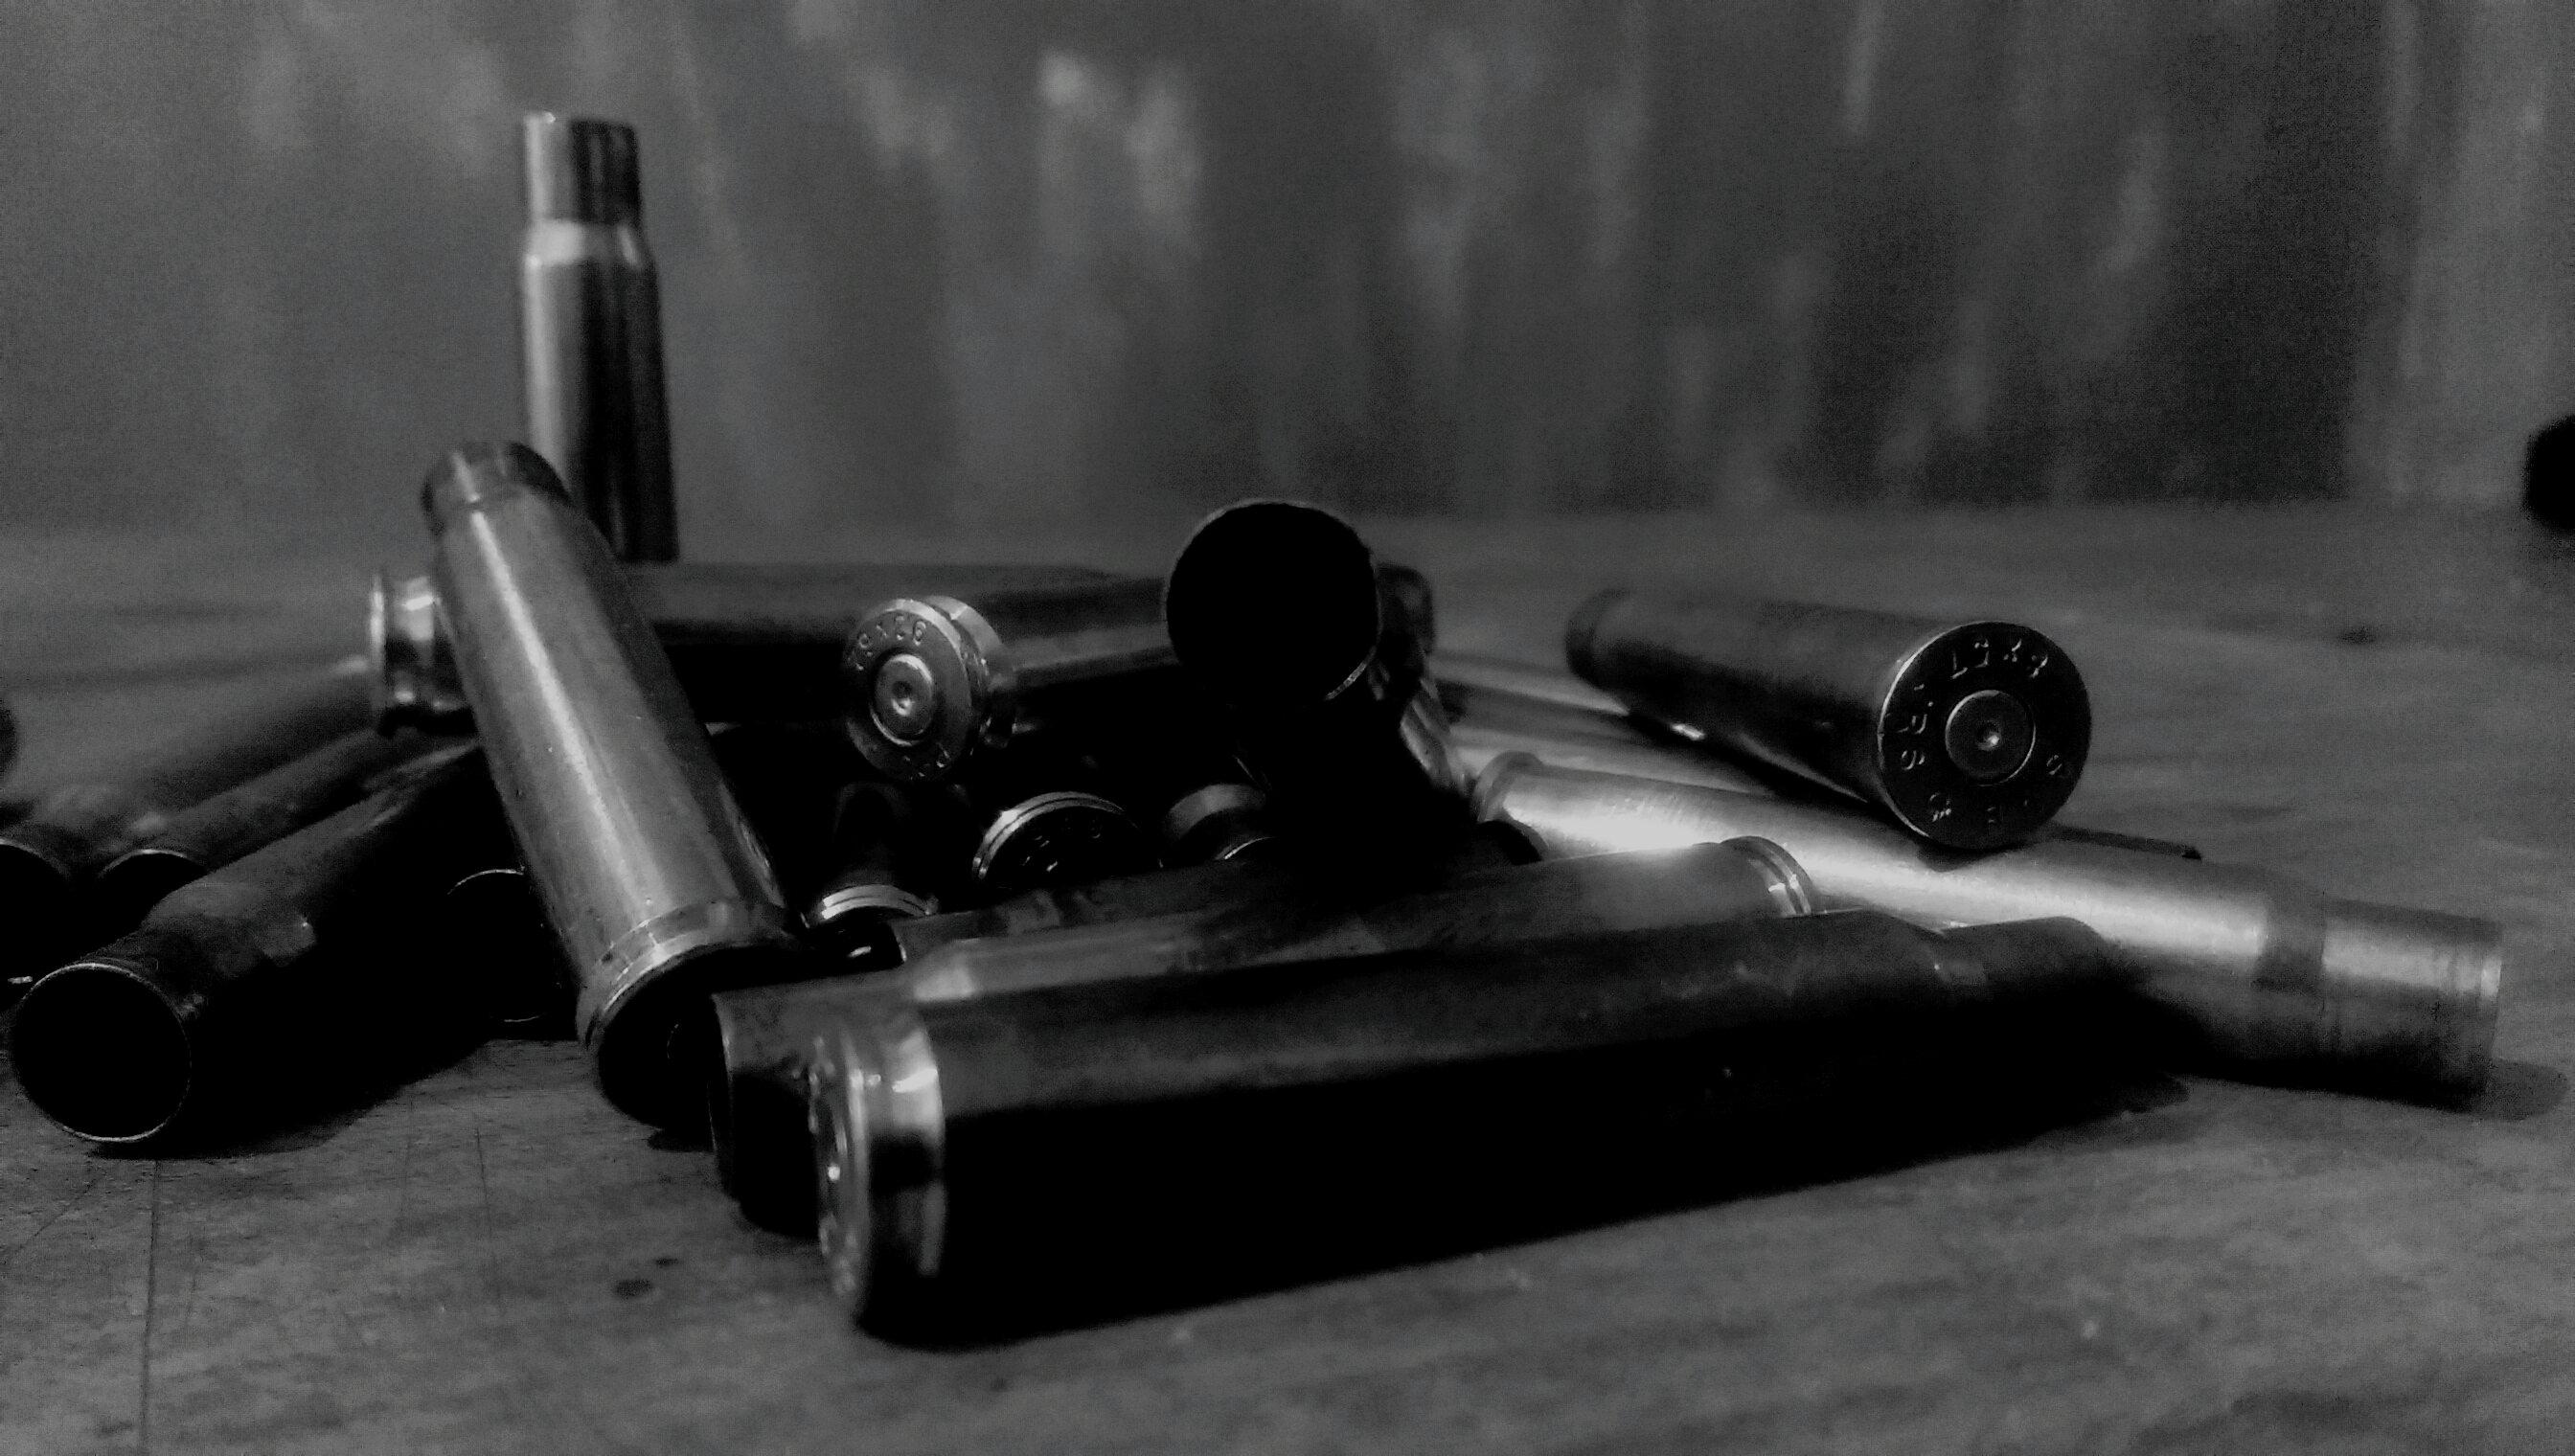 Další dodávky českých zbraní do syrské války